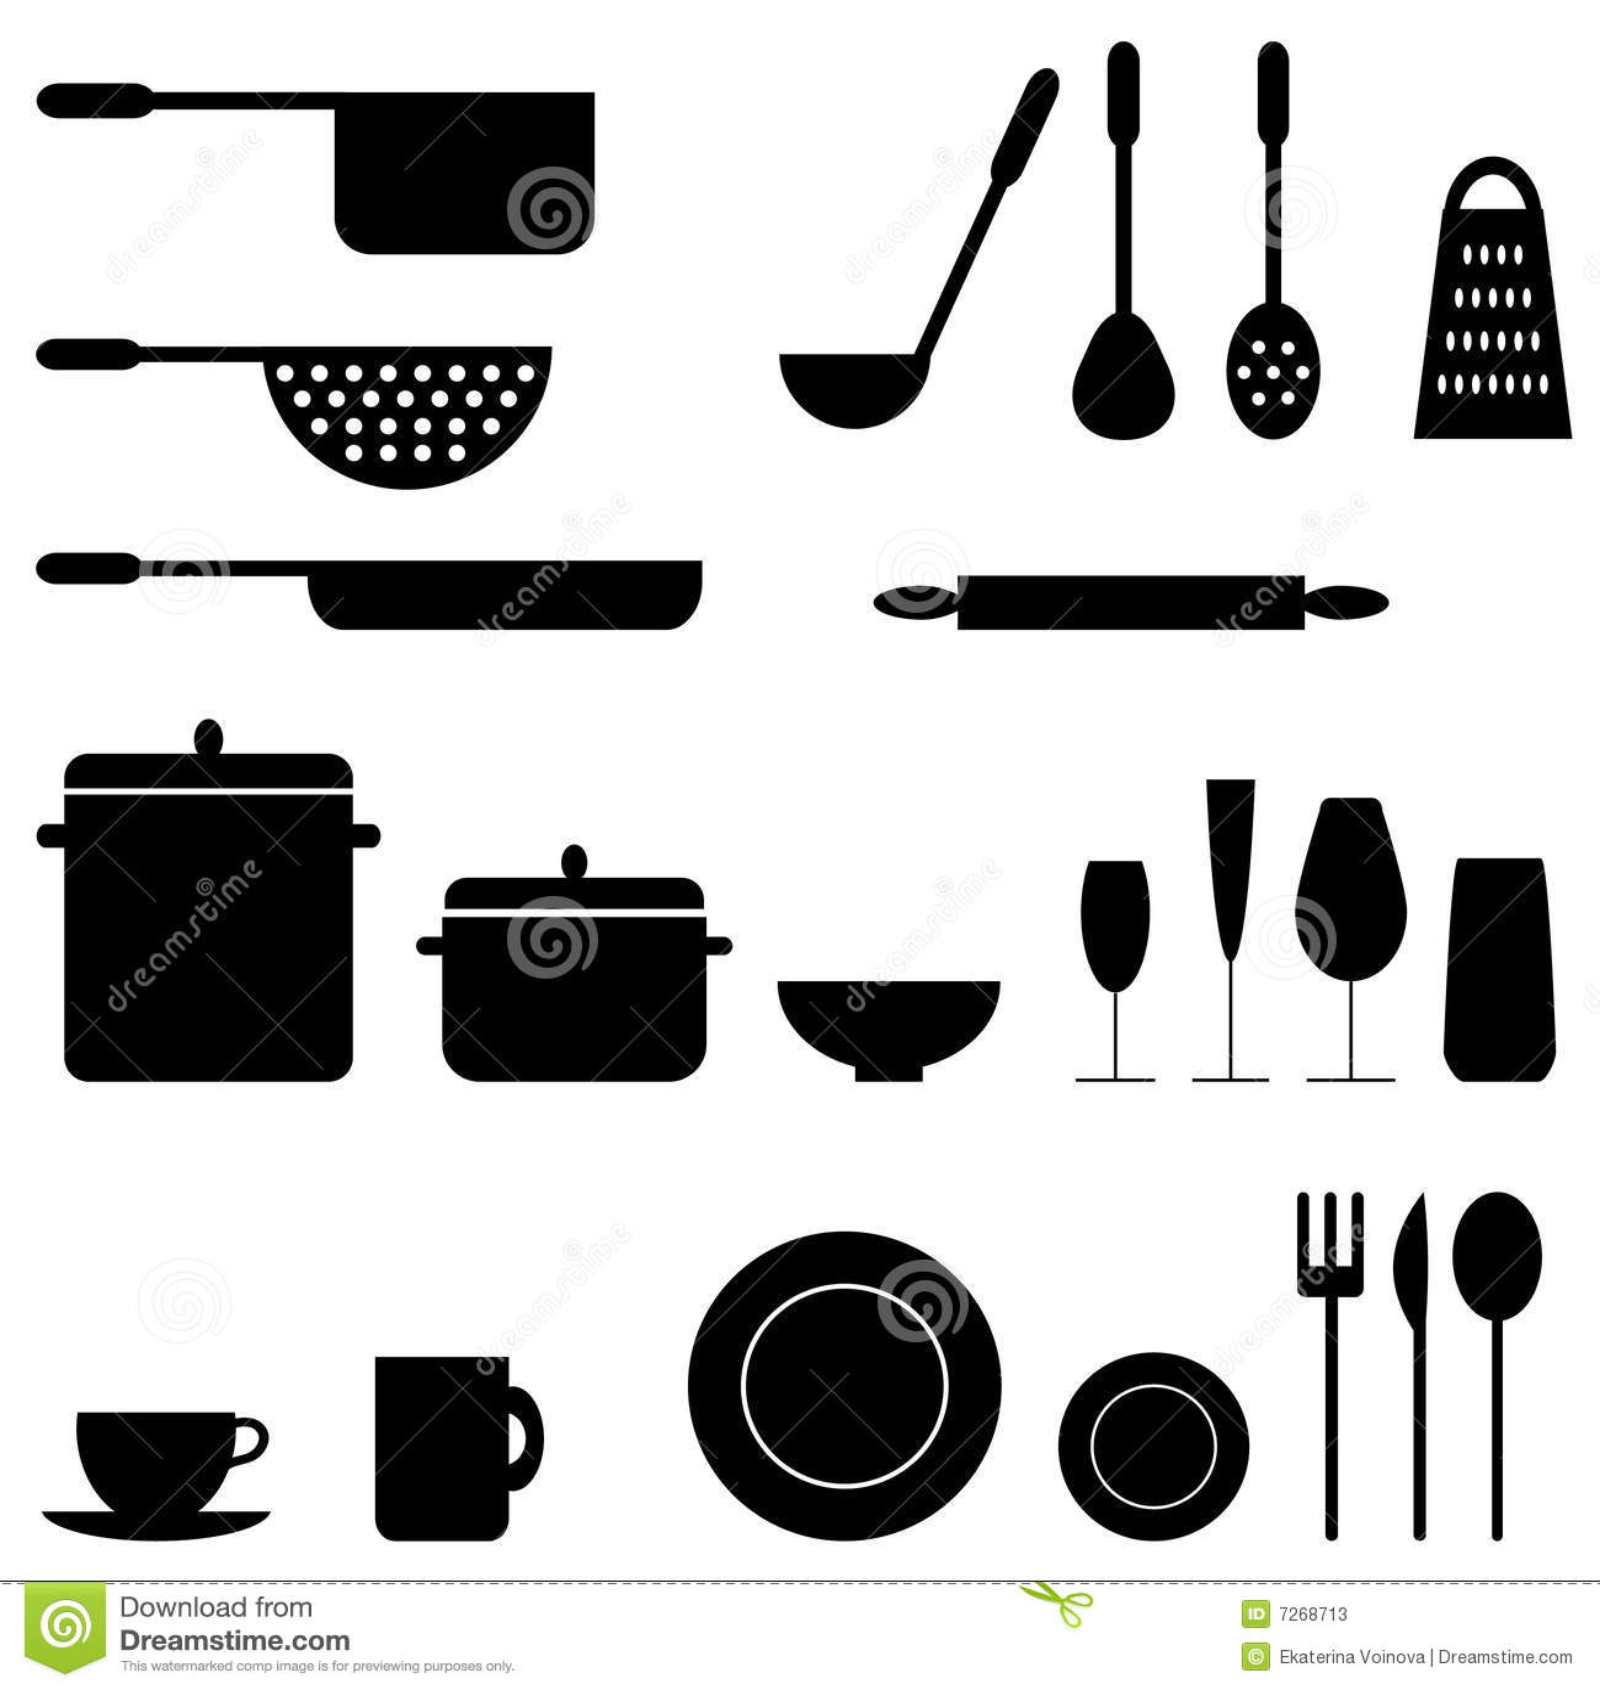 Utensilios de cocina ilustraci n del vector imagen de for Utensilios de cocina nombres e imagenes